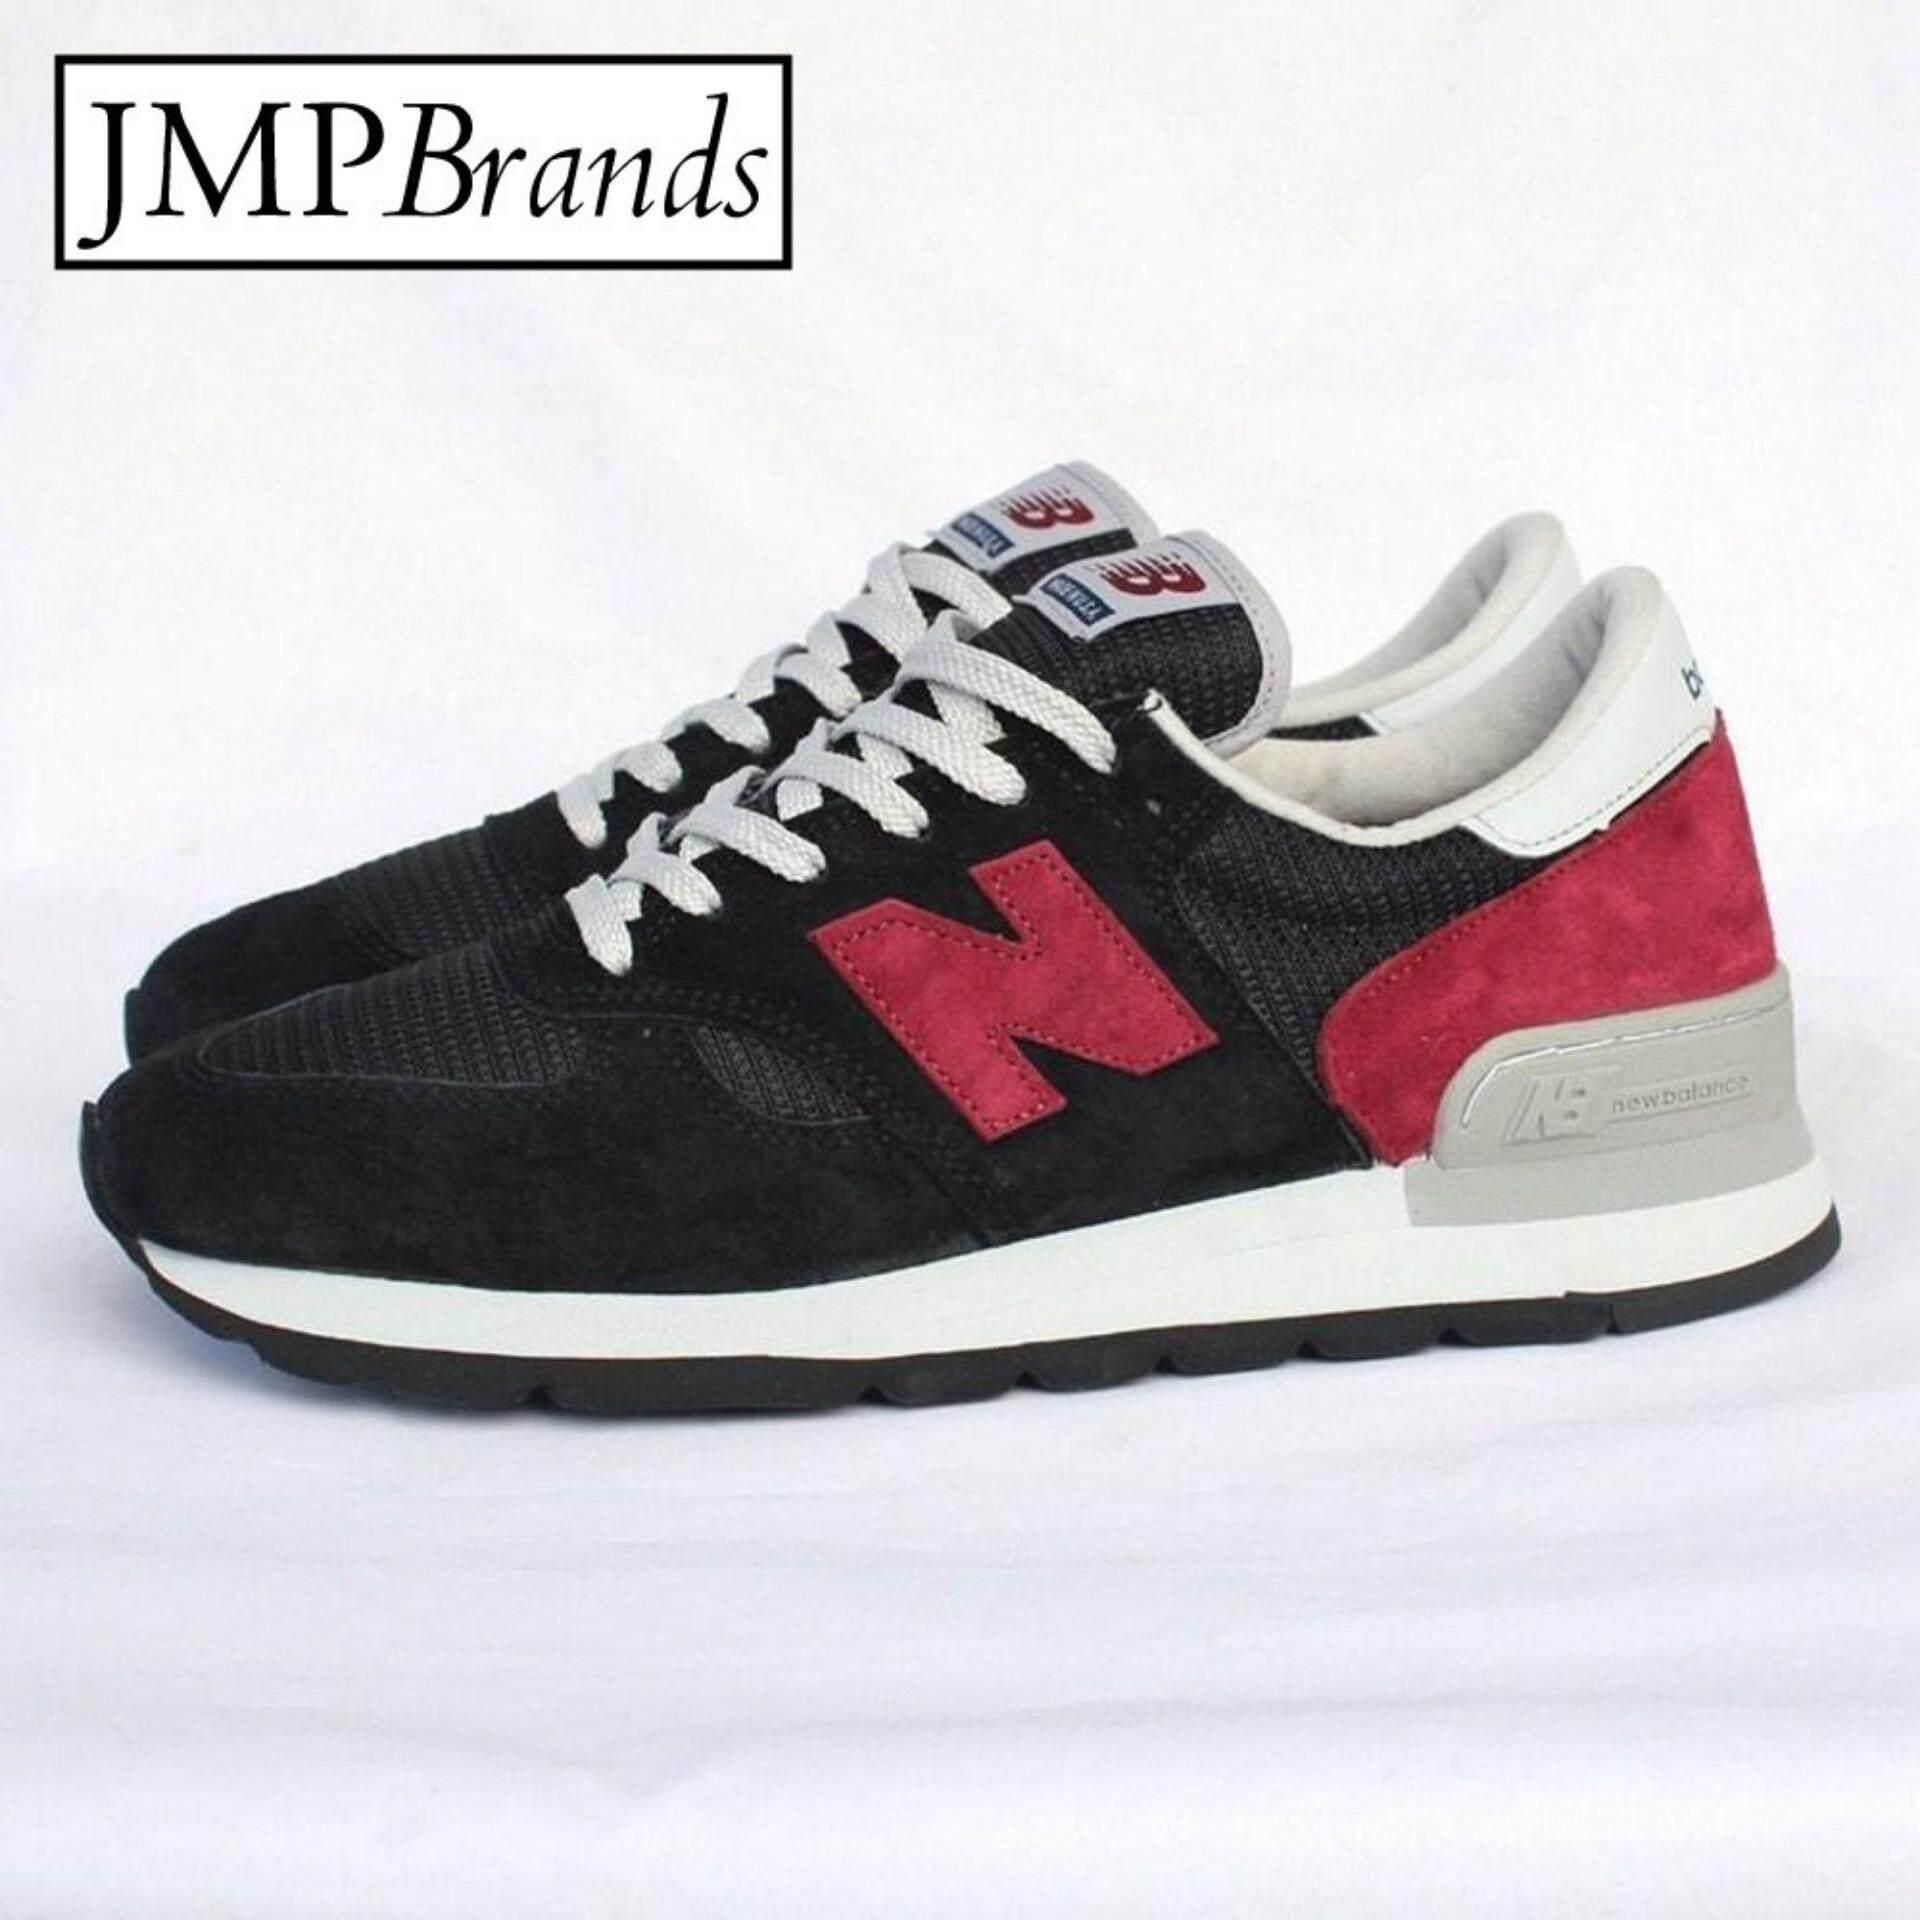 ขาย New Balance สำหรับผู้ชาย รุ่น M990Cbo Made In Usa รองเท้าผ้าใบกีฬา สำหรับออกกำลังกาย สีดำ ถูก ใน Thailand